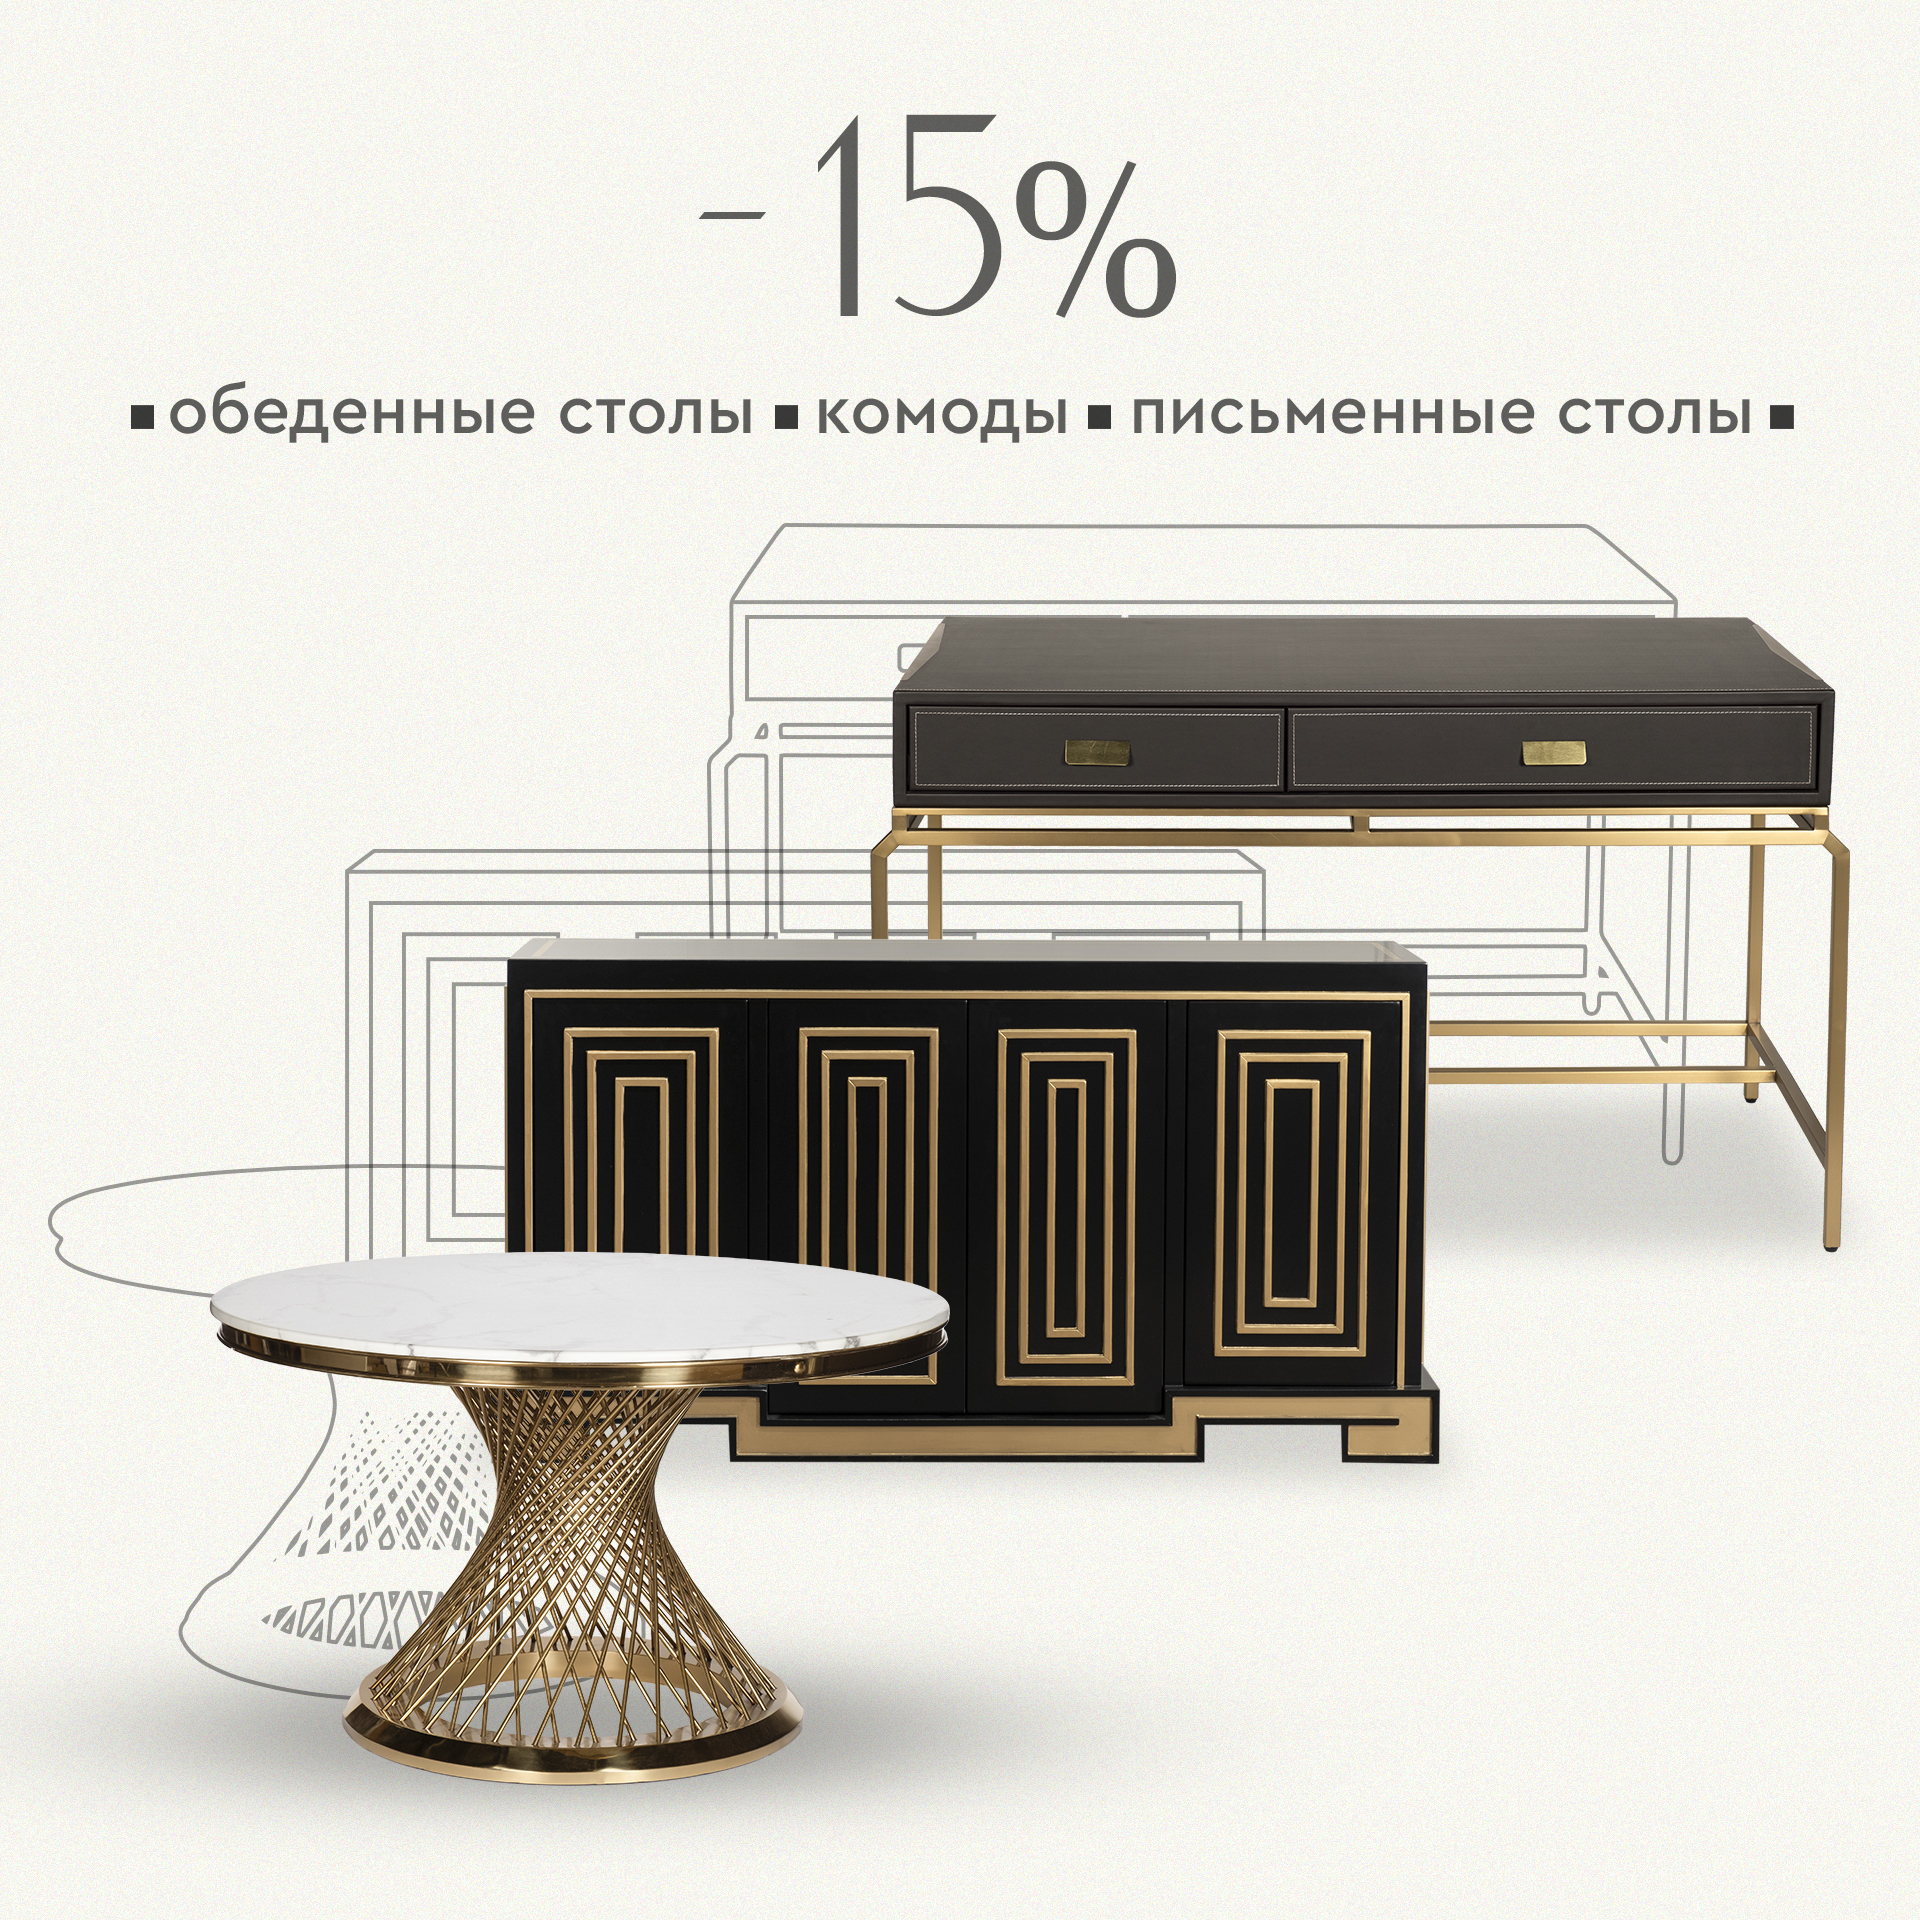 Акция! Скидка 15% на комоды, обеденные столы и письменные столы с 11.10.21 по 24.10.21